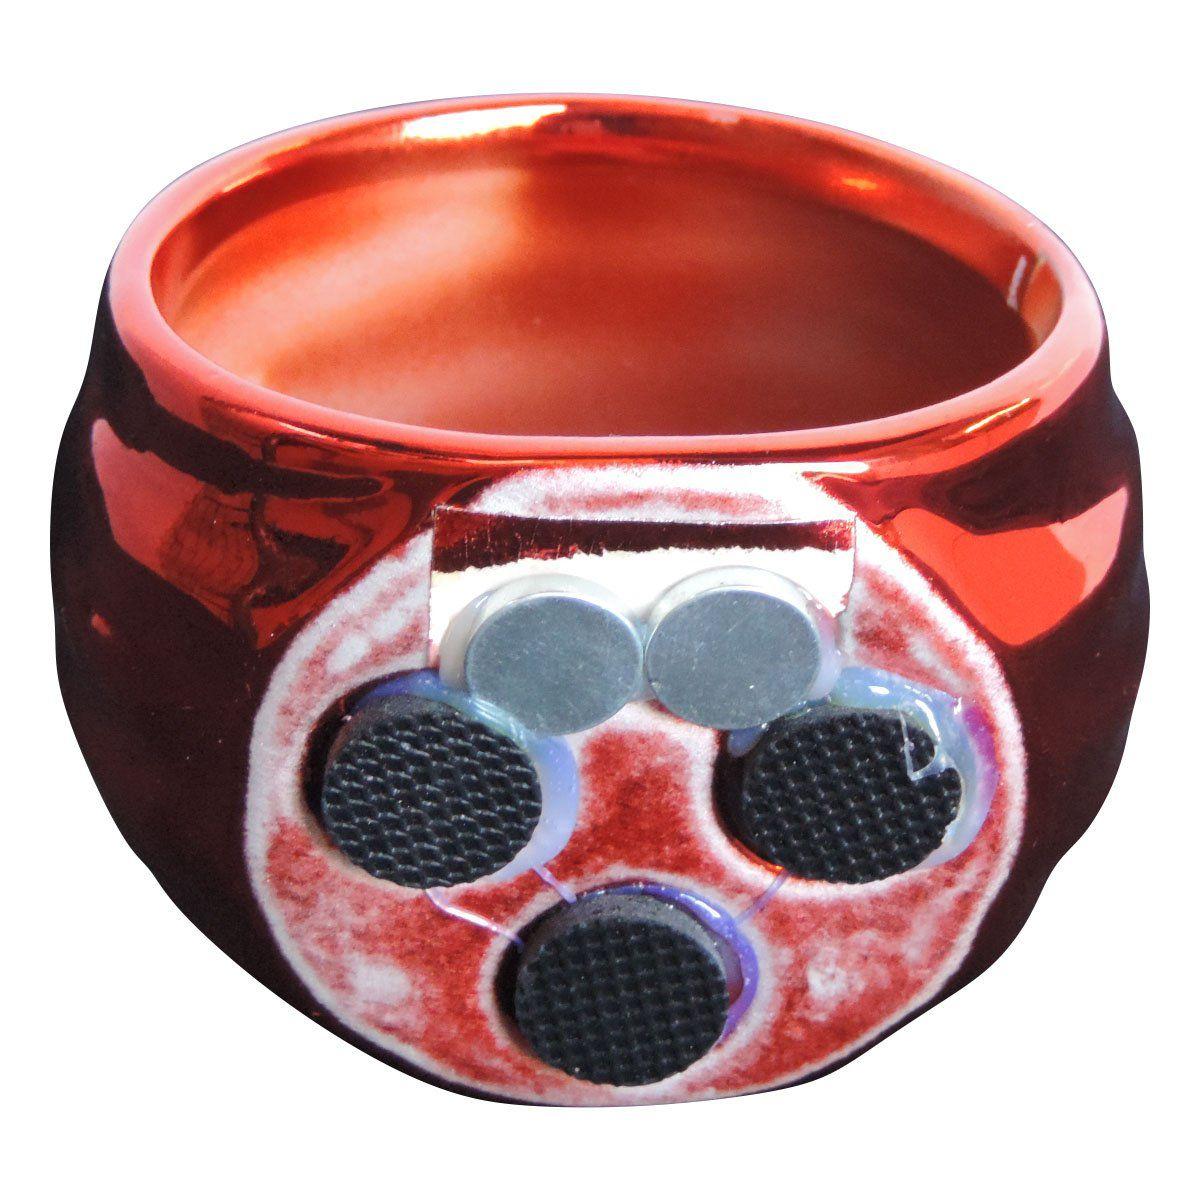 Vaso Magnético Vitrificado Vermelho 6,5cm x 6,5cm